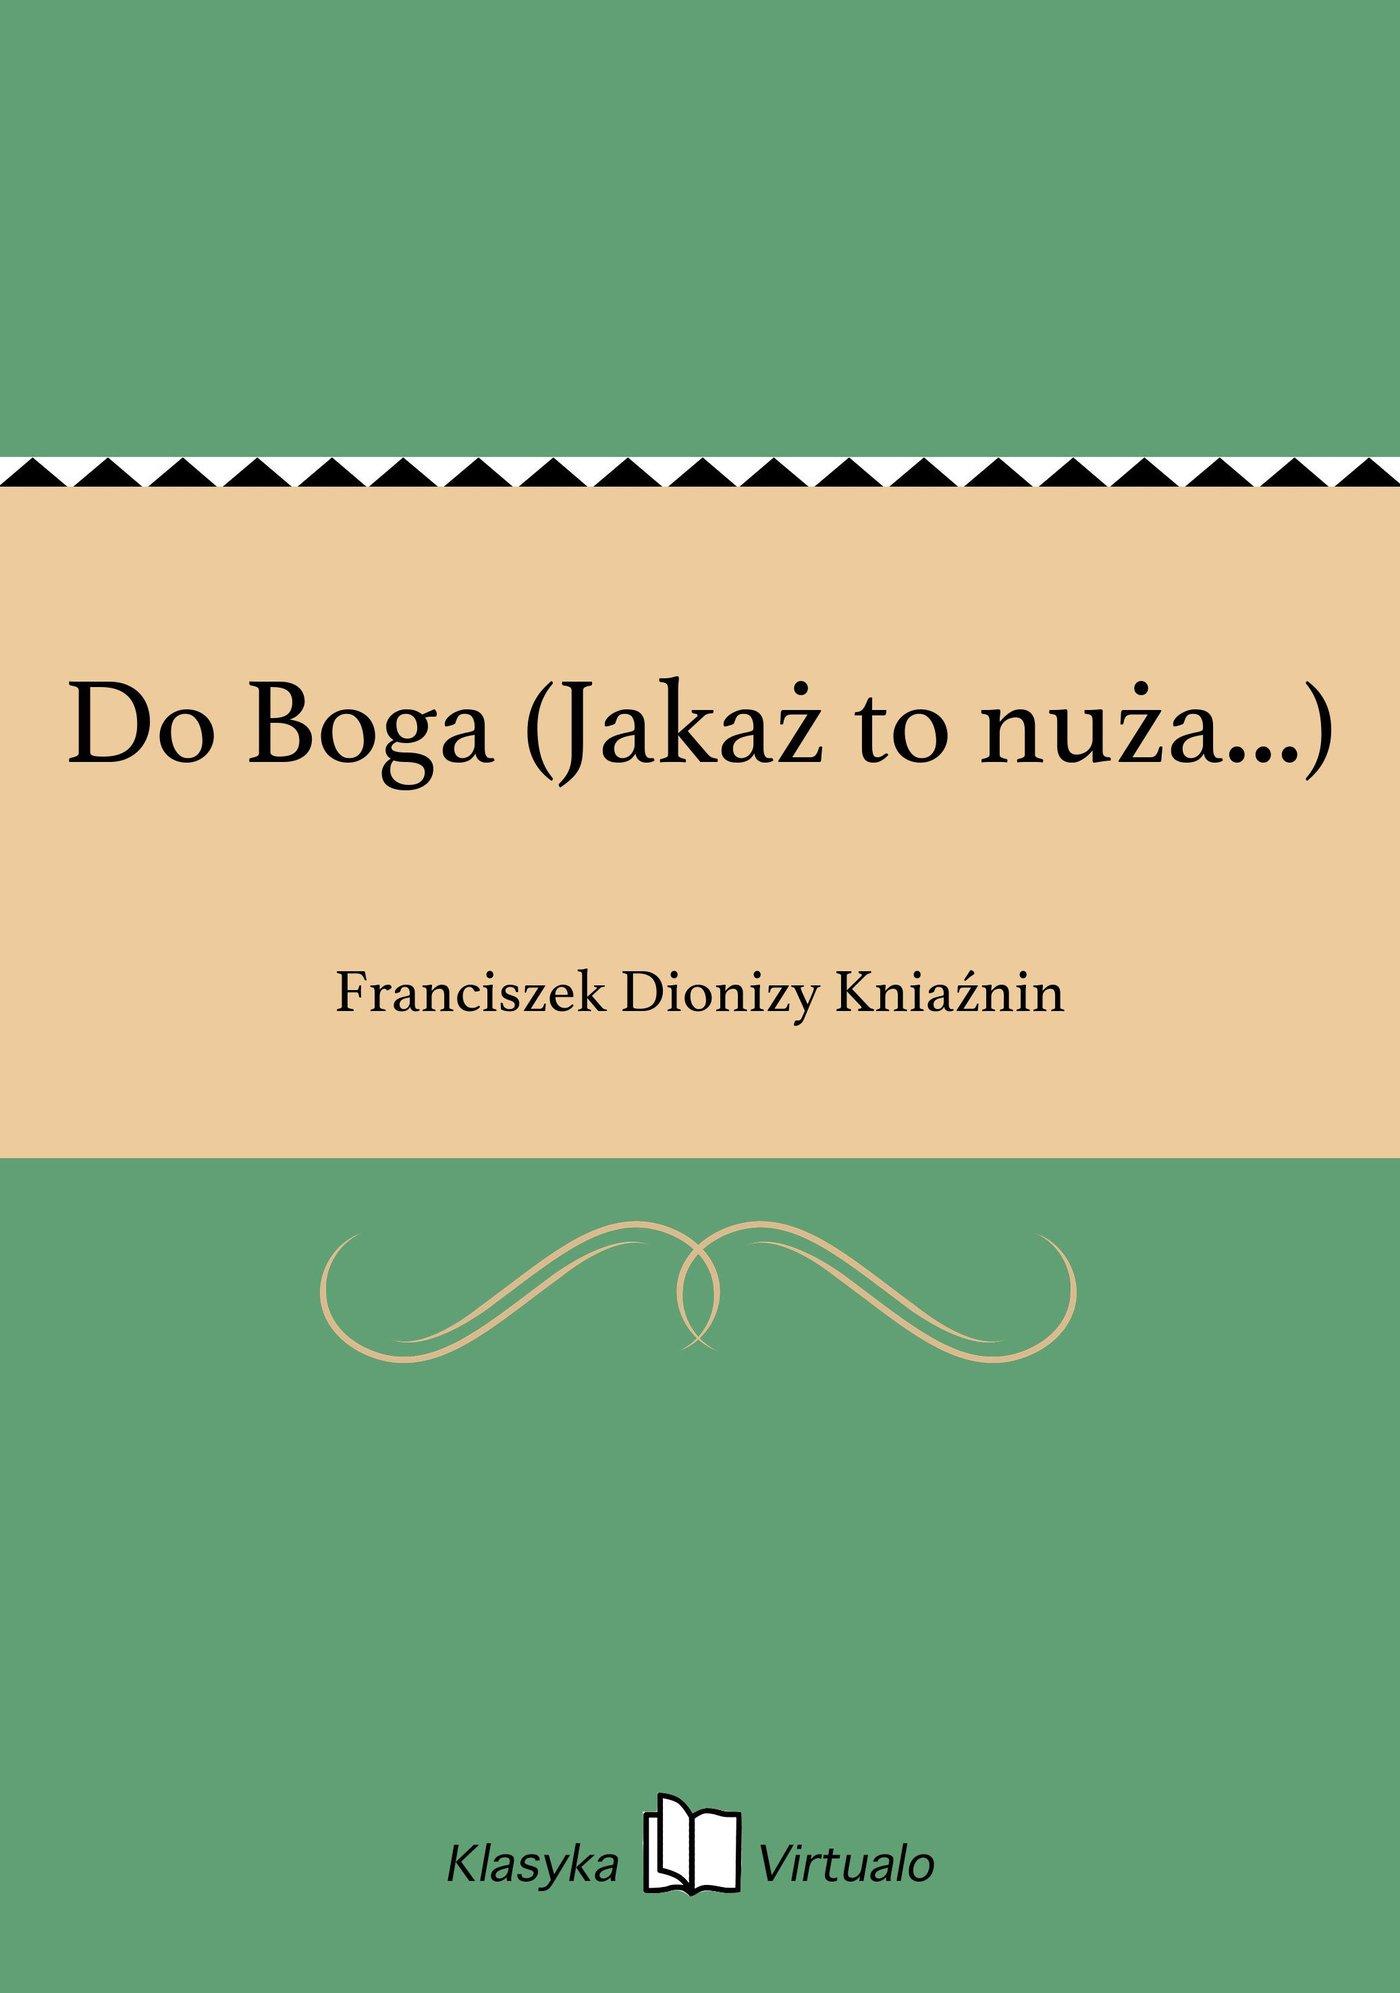 Do Boga (Jakaż to nuża...) - Ebook (Książka EPUB) do pobrania w formacie EPUB